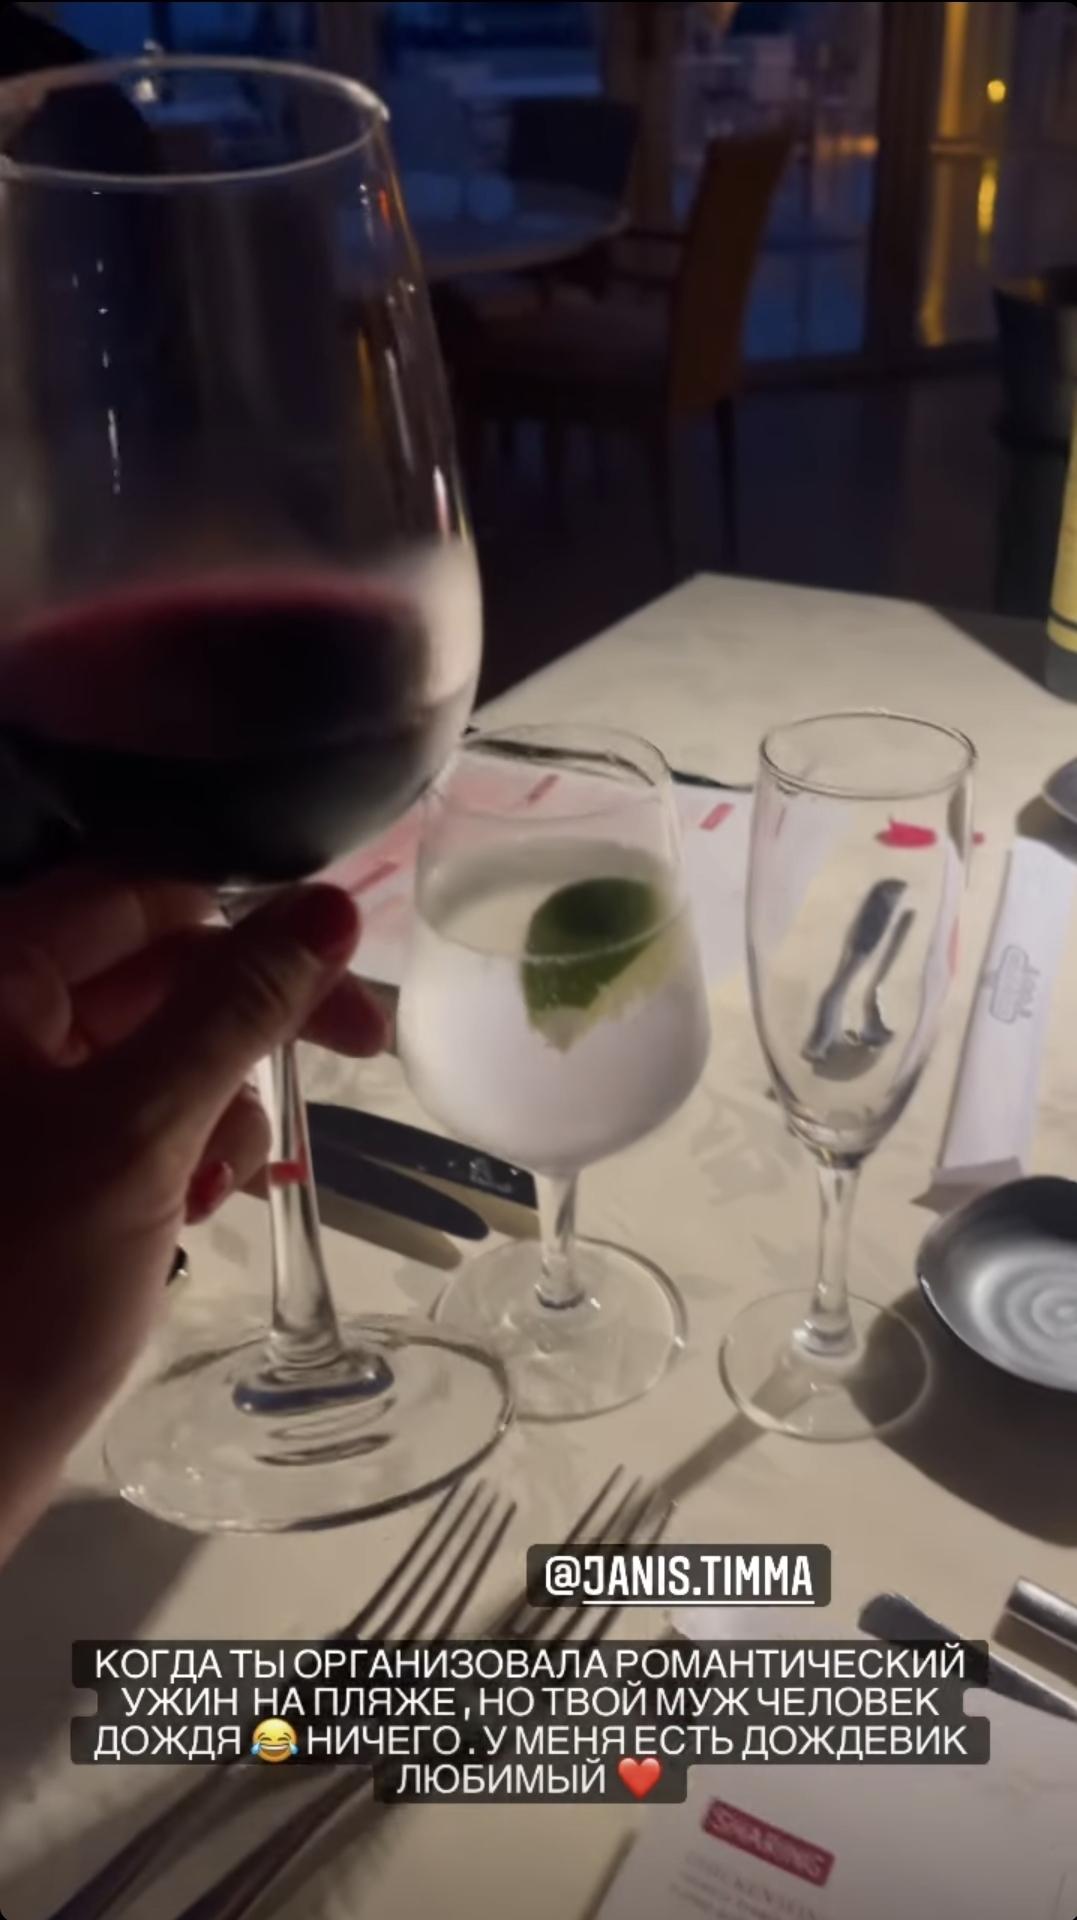 Анна Седокова устроила романтичный вечер Янису Тимма, улетев с ним на отдых